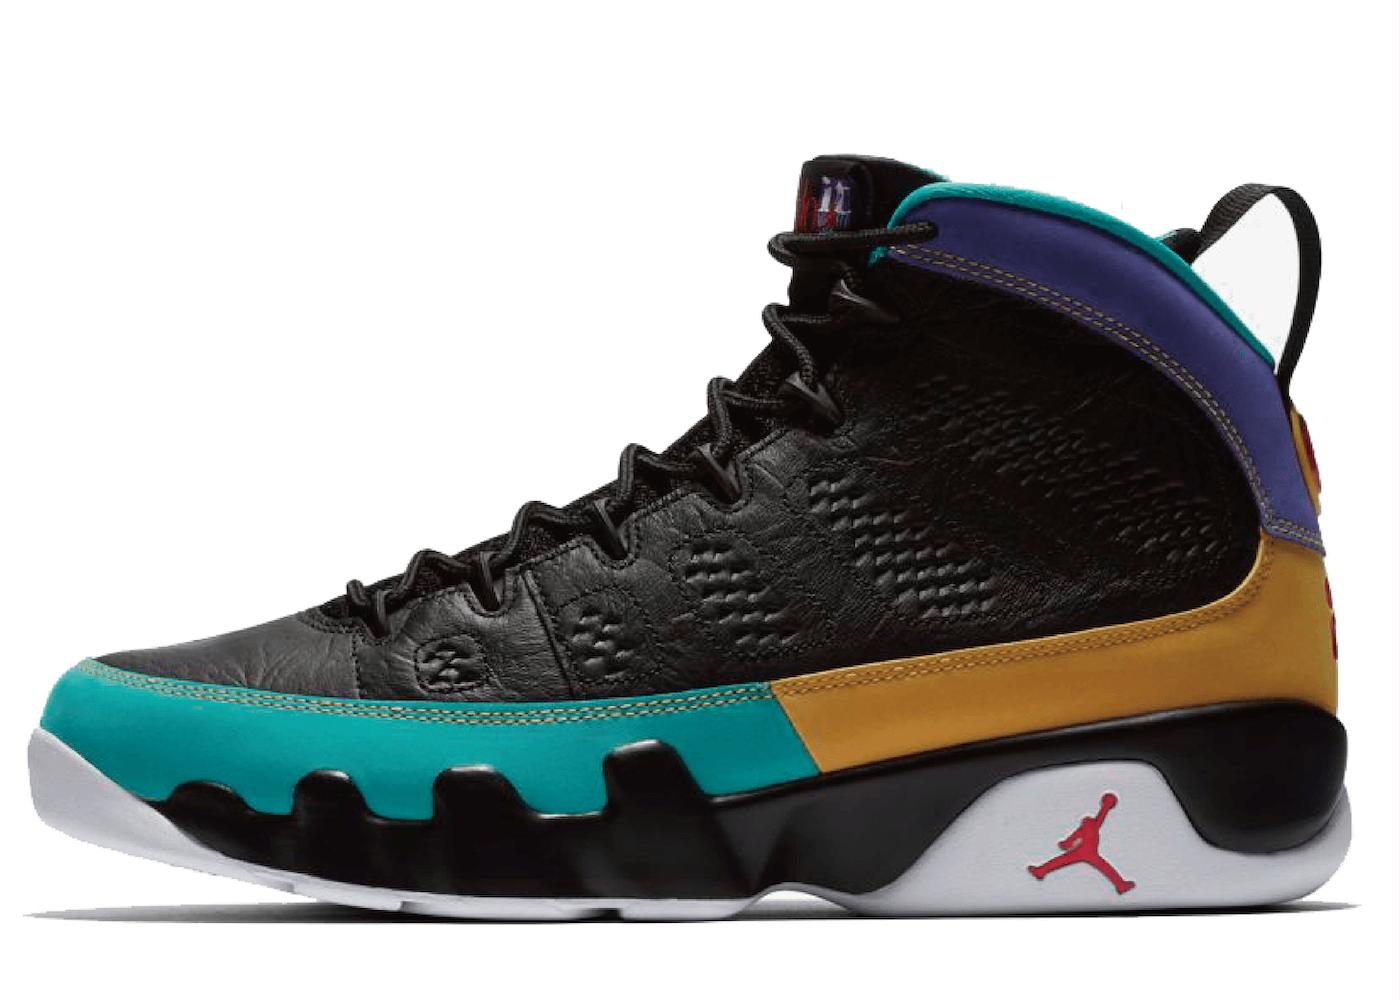 Nike Air Jordan 9 Retro Dream It Do Itの写真